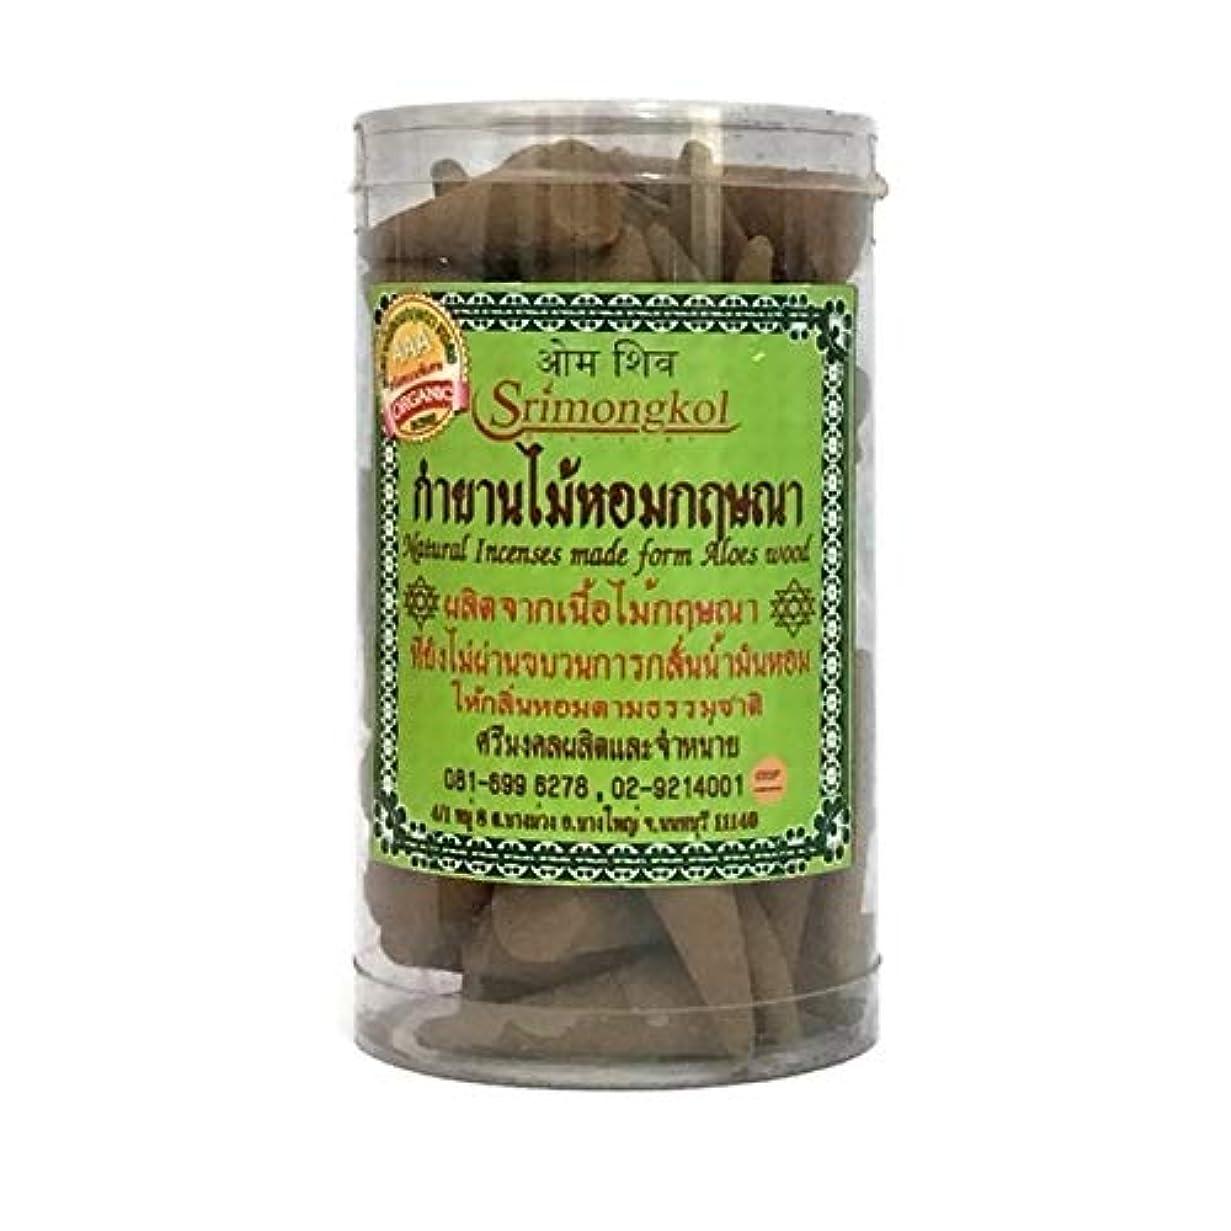 喜劇エントリインタネットを見るSrimongkol Agarwood Natural Incense Cones 200 Grams Grade AAA Organic (No Chemical :::Srimongkol Agarwoodナチュラル...